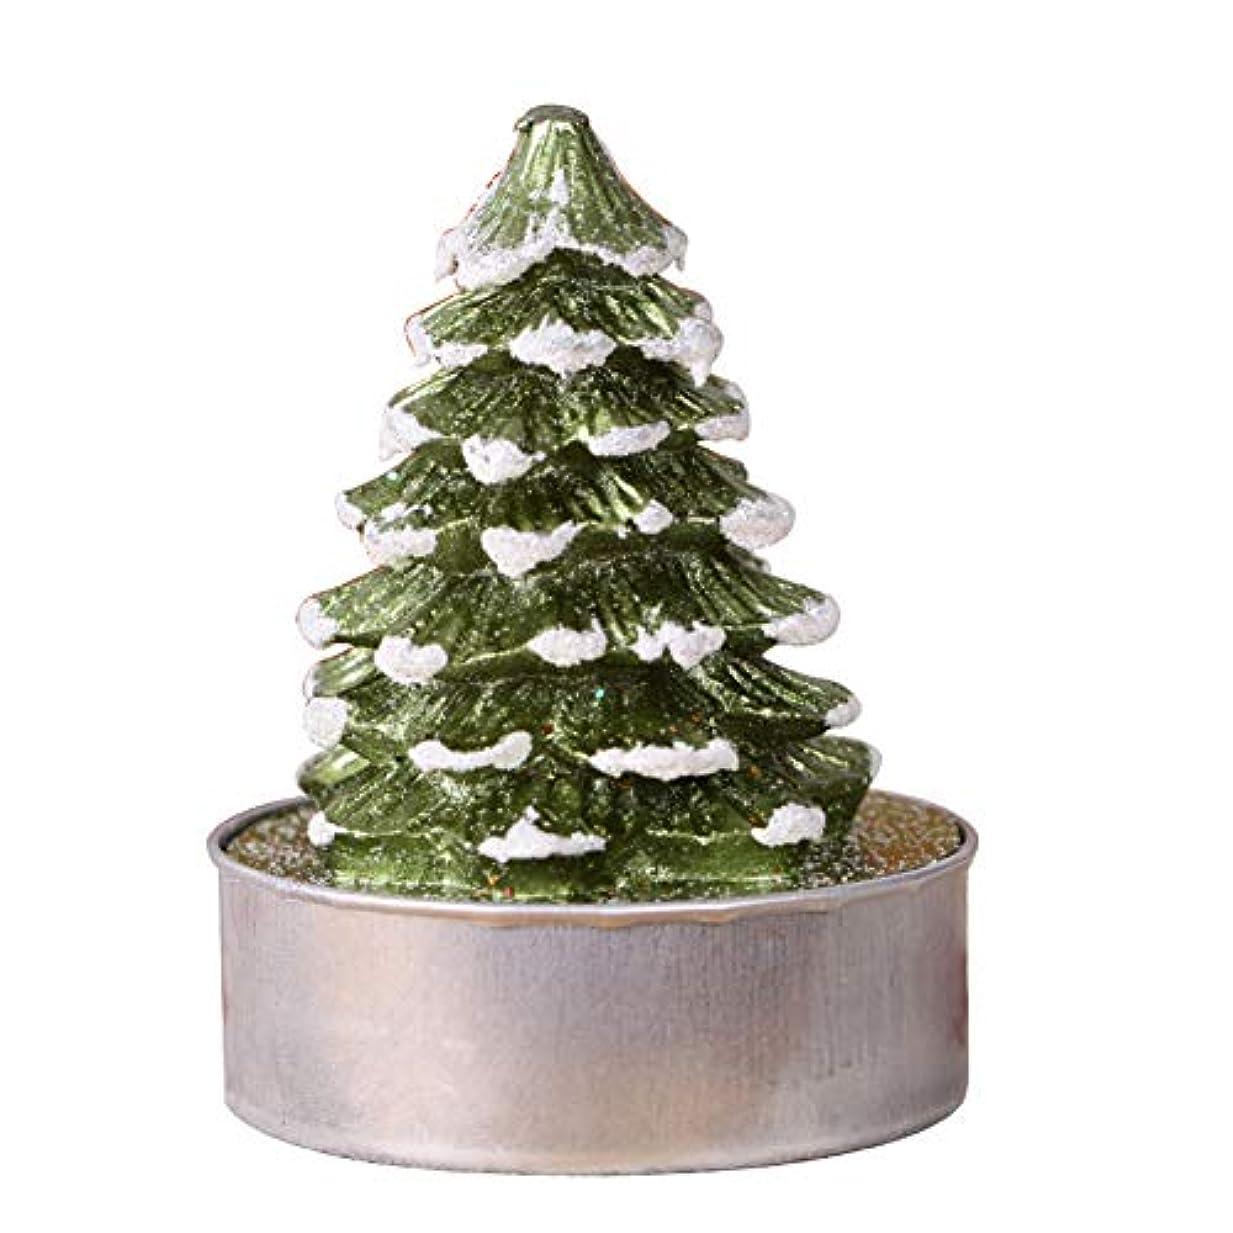 ソファー抑圧軸2点セット、クリスマスの手工芸品のキャンドル、装飾手描きのクリスマスツリーの大きな茶ワックス